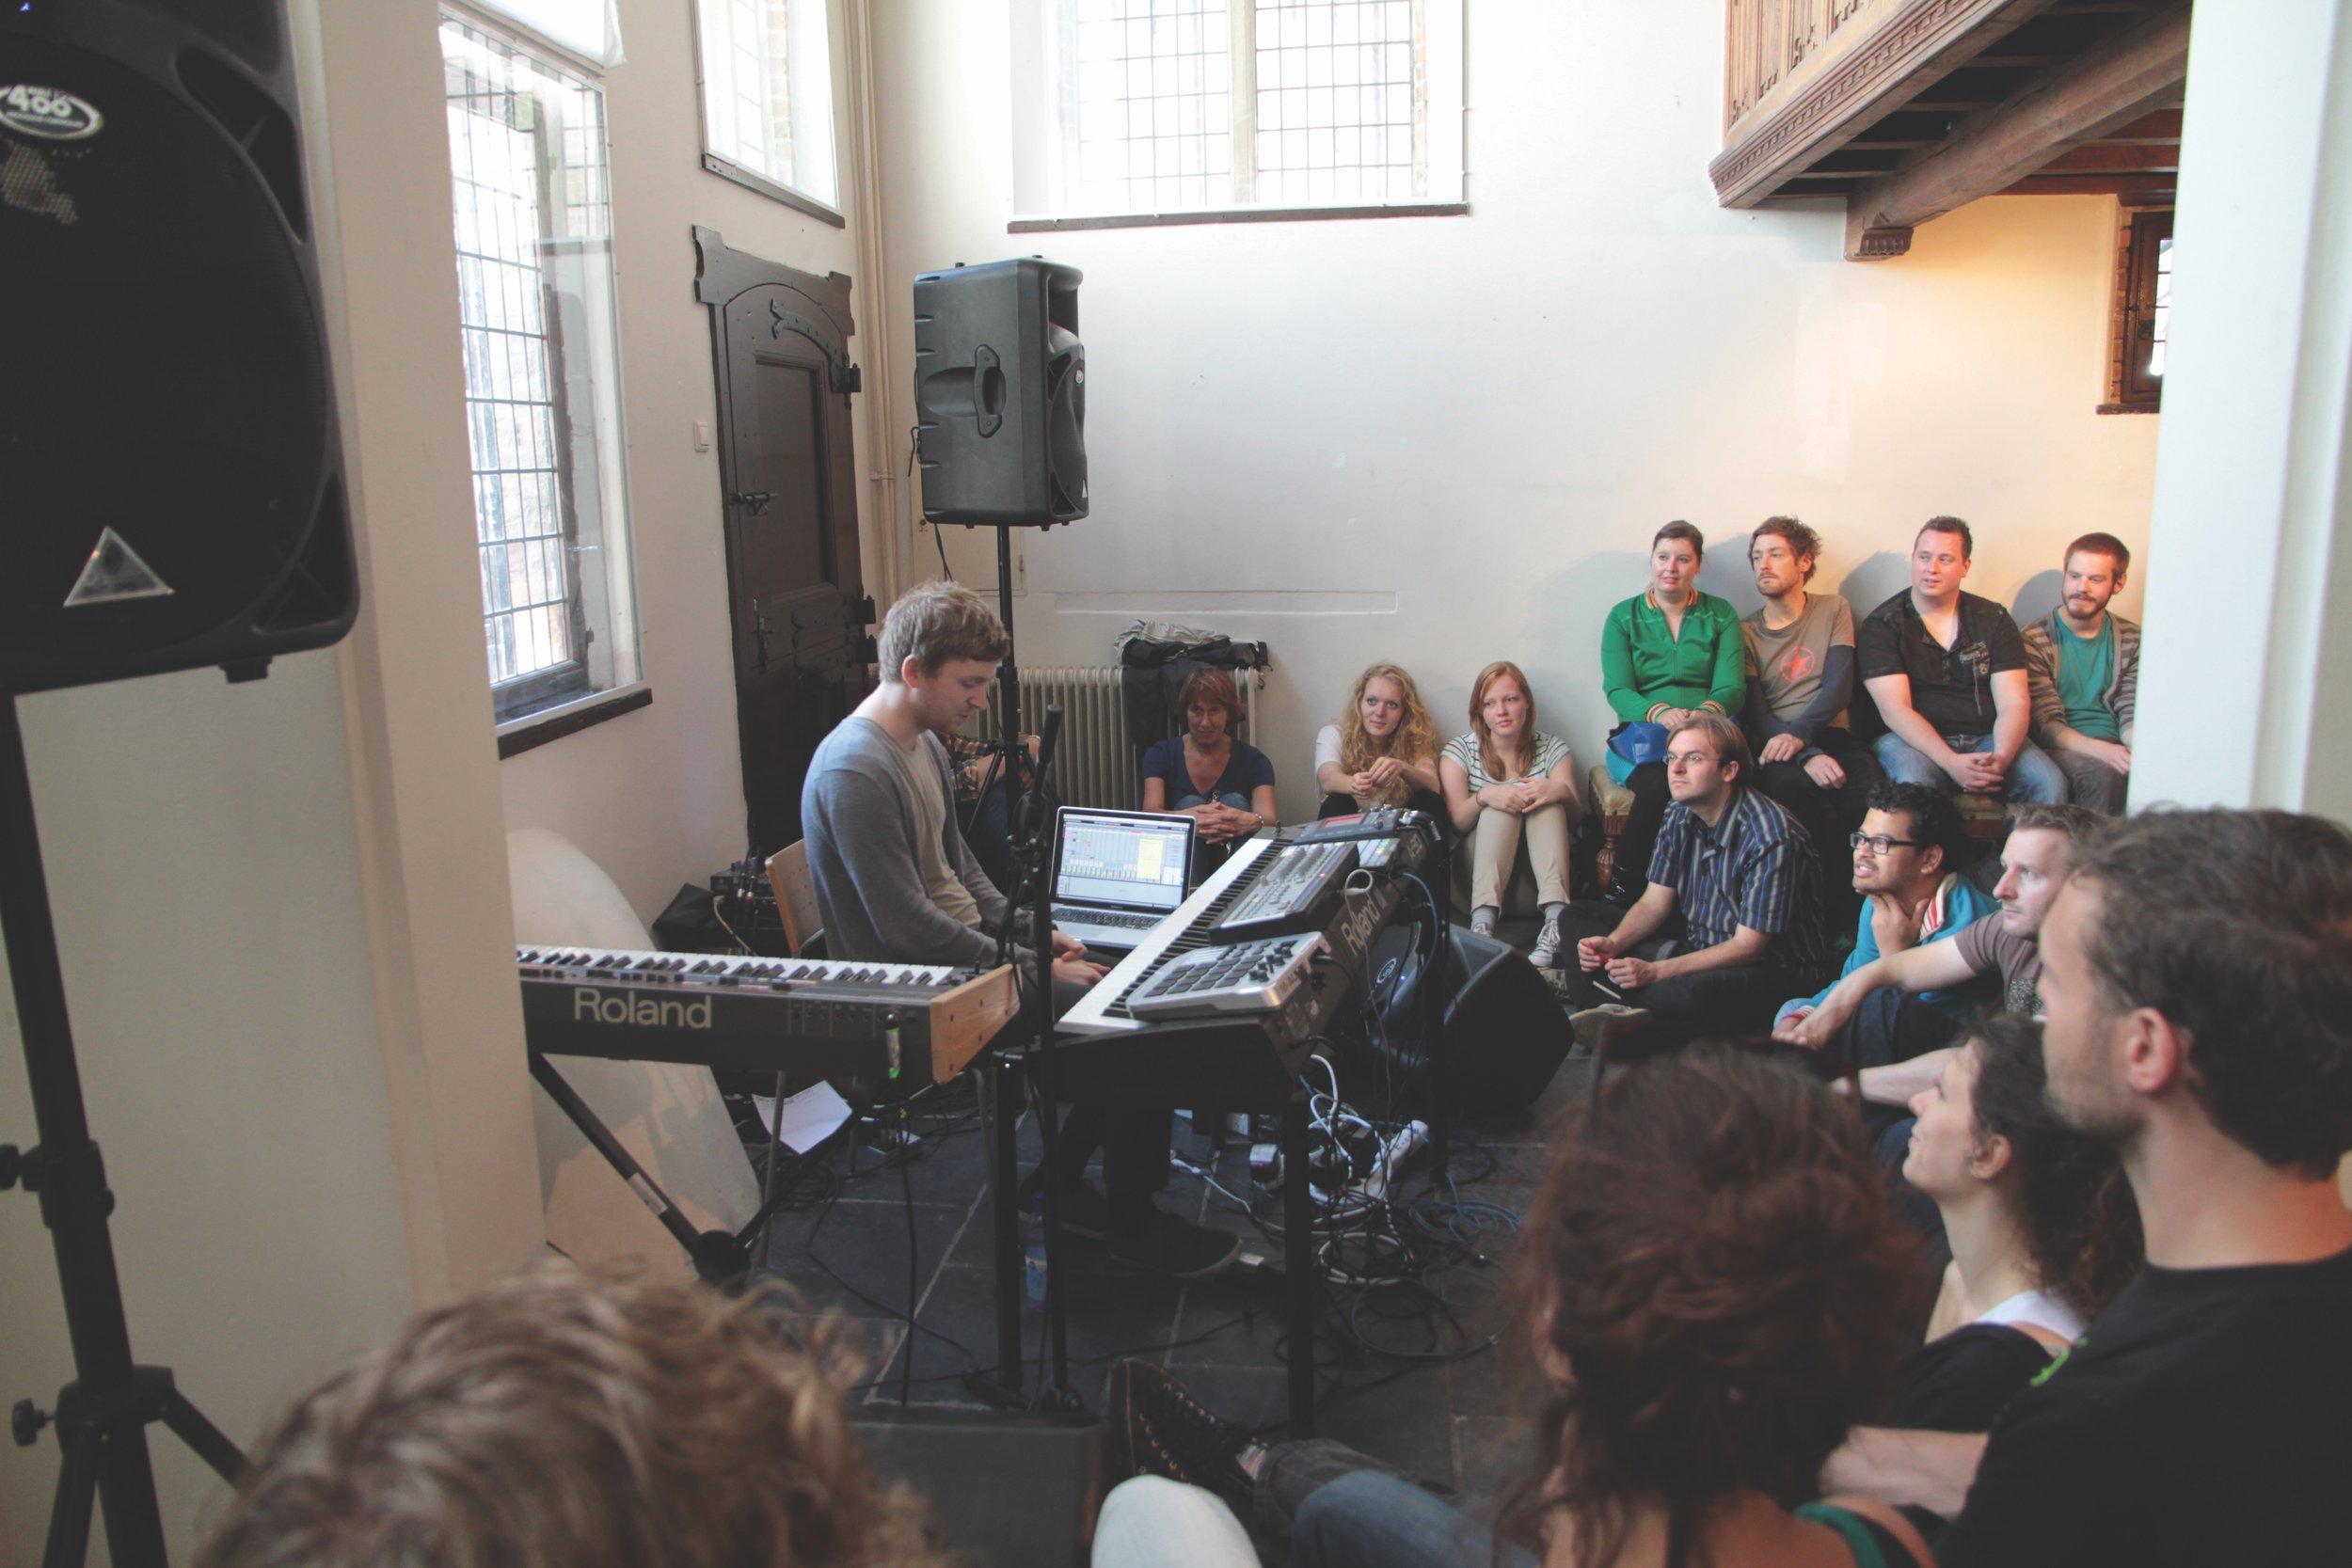 De Affaire - Olafur Arnalds   Festival de Affaire is de plek om kennis te maken met nieuwe muziek. Die kennismaking werd in juli 2011 met een reeks concerten van de jonge IJslandse componist Ólafur Arnalds aangevuld. In het Besiendershuis gaf Arnalds een serie bijzondere voorstellingen waarbij hij samen met het publiek werkte aan nieuwe composities.